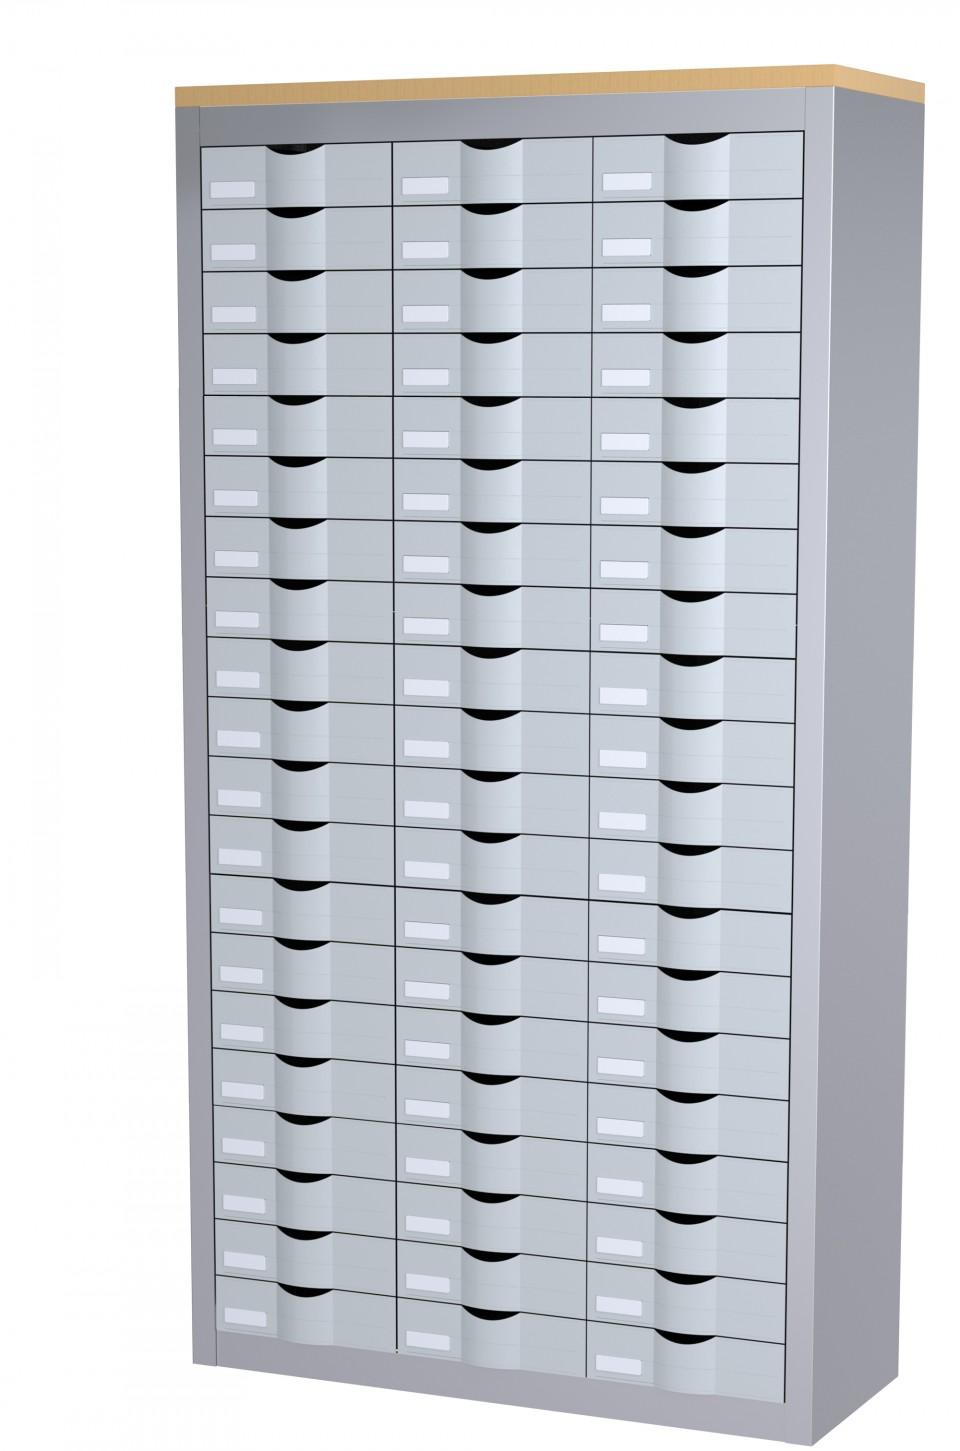 Meuble 60 tiroirs achat meubles tiroirs 925 00 for Meuble bureau 60 x 60